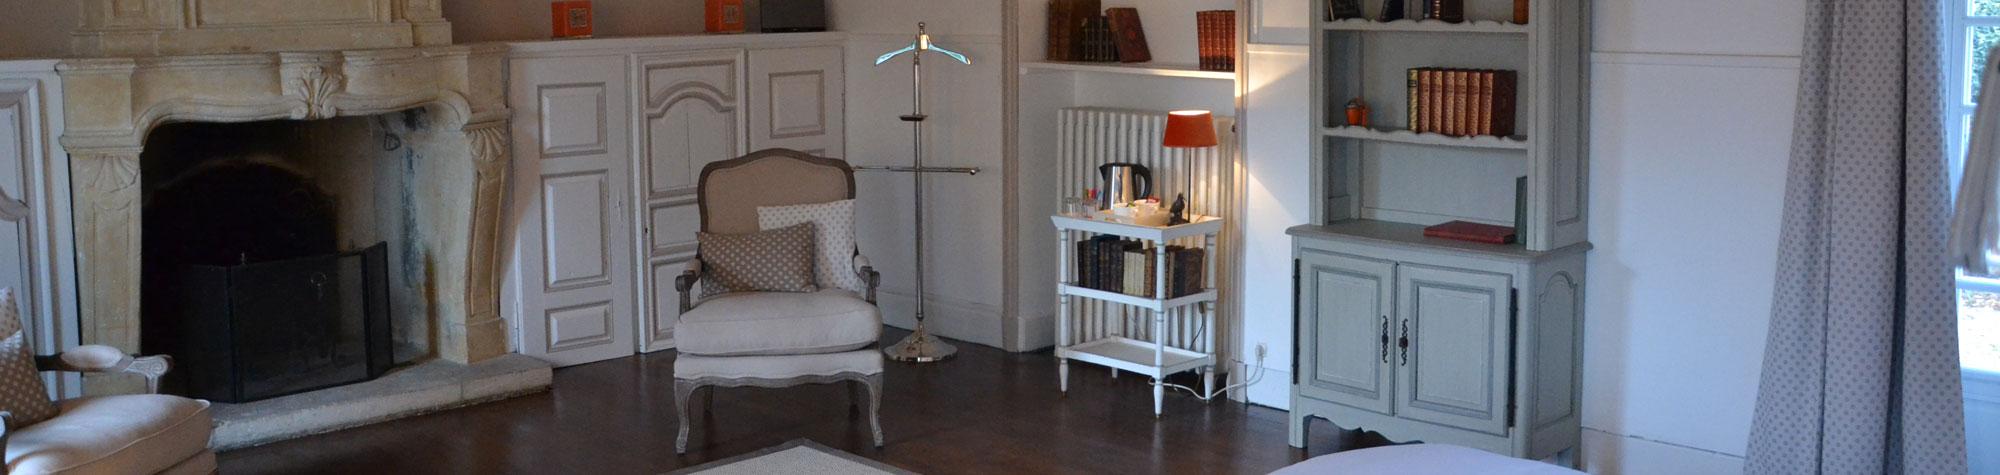 Nos chambres les hautes sources - Chambre d hotes region parisienne ...